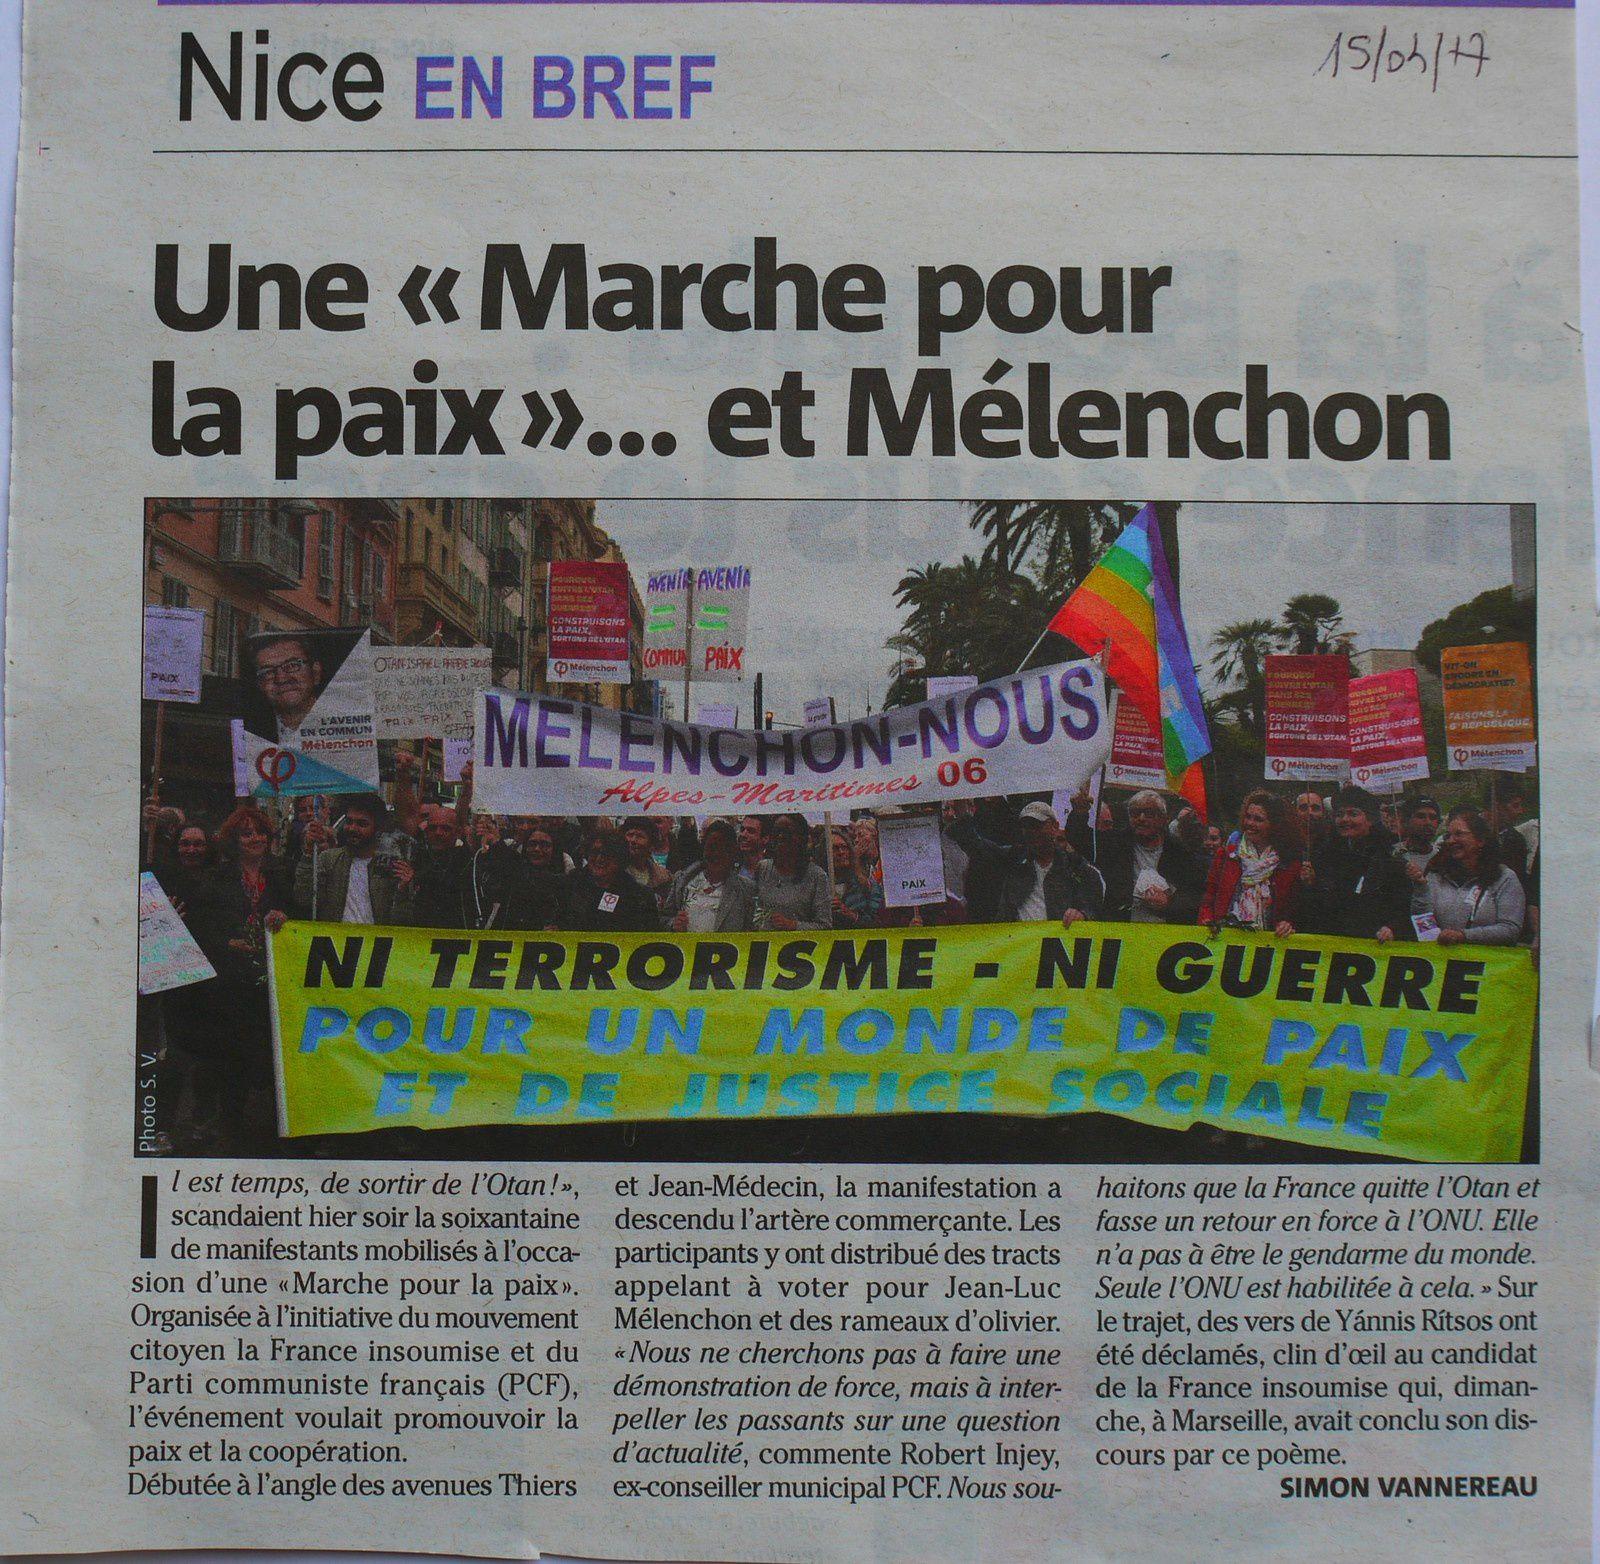 Une marche pour la paix et...Mélenchon (Nice-Matin)